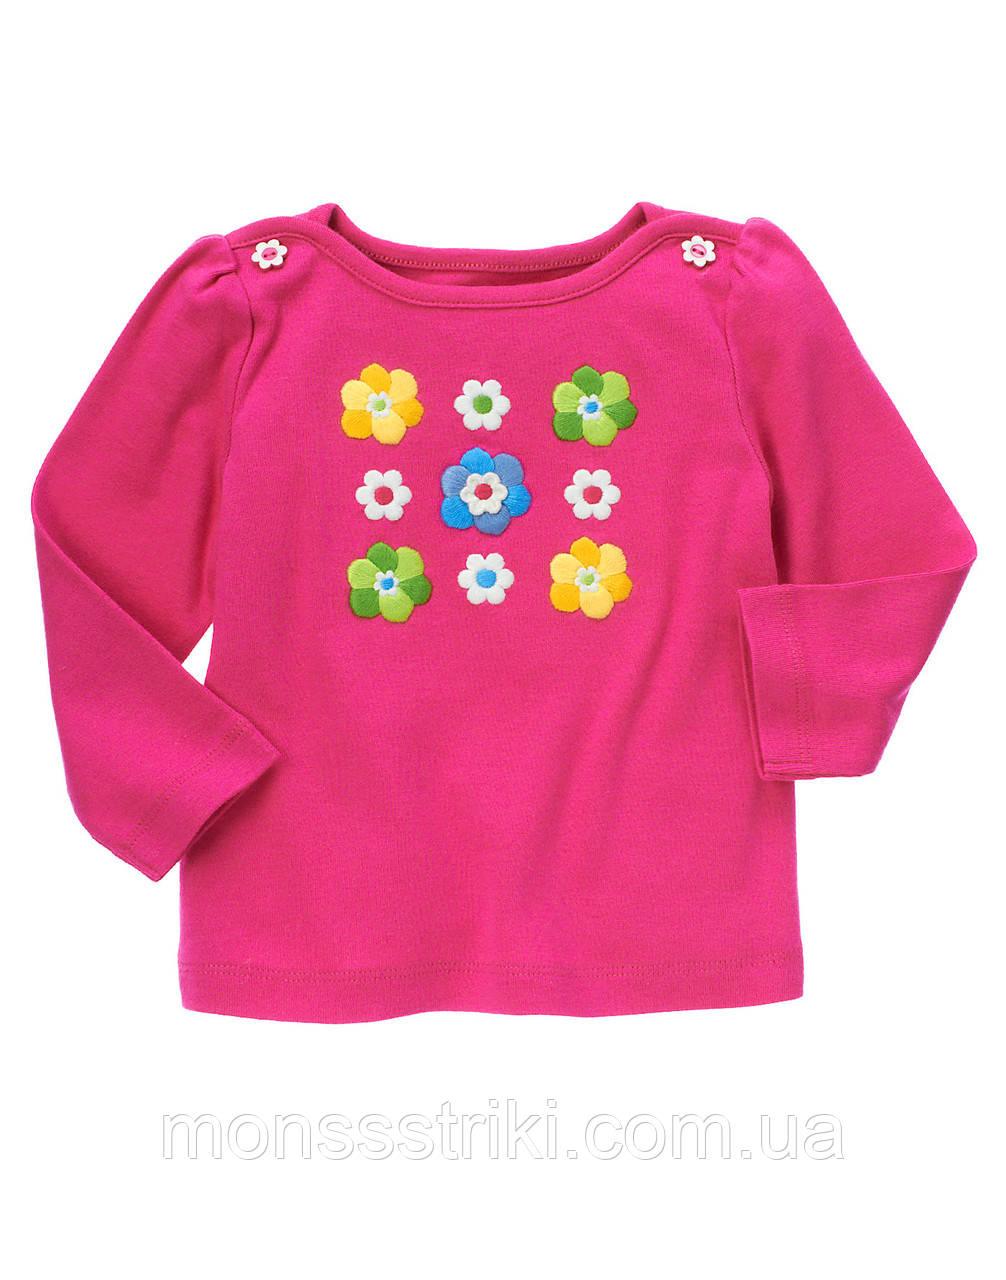 Детский одежда брендовая доставка